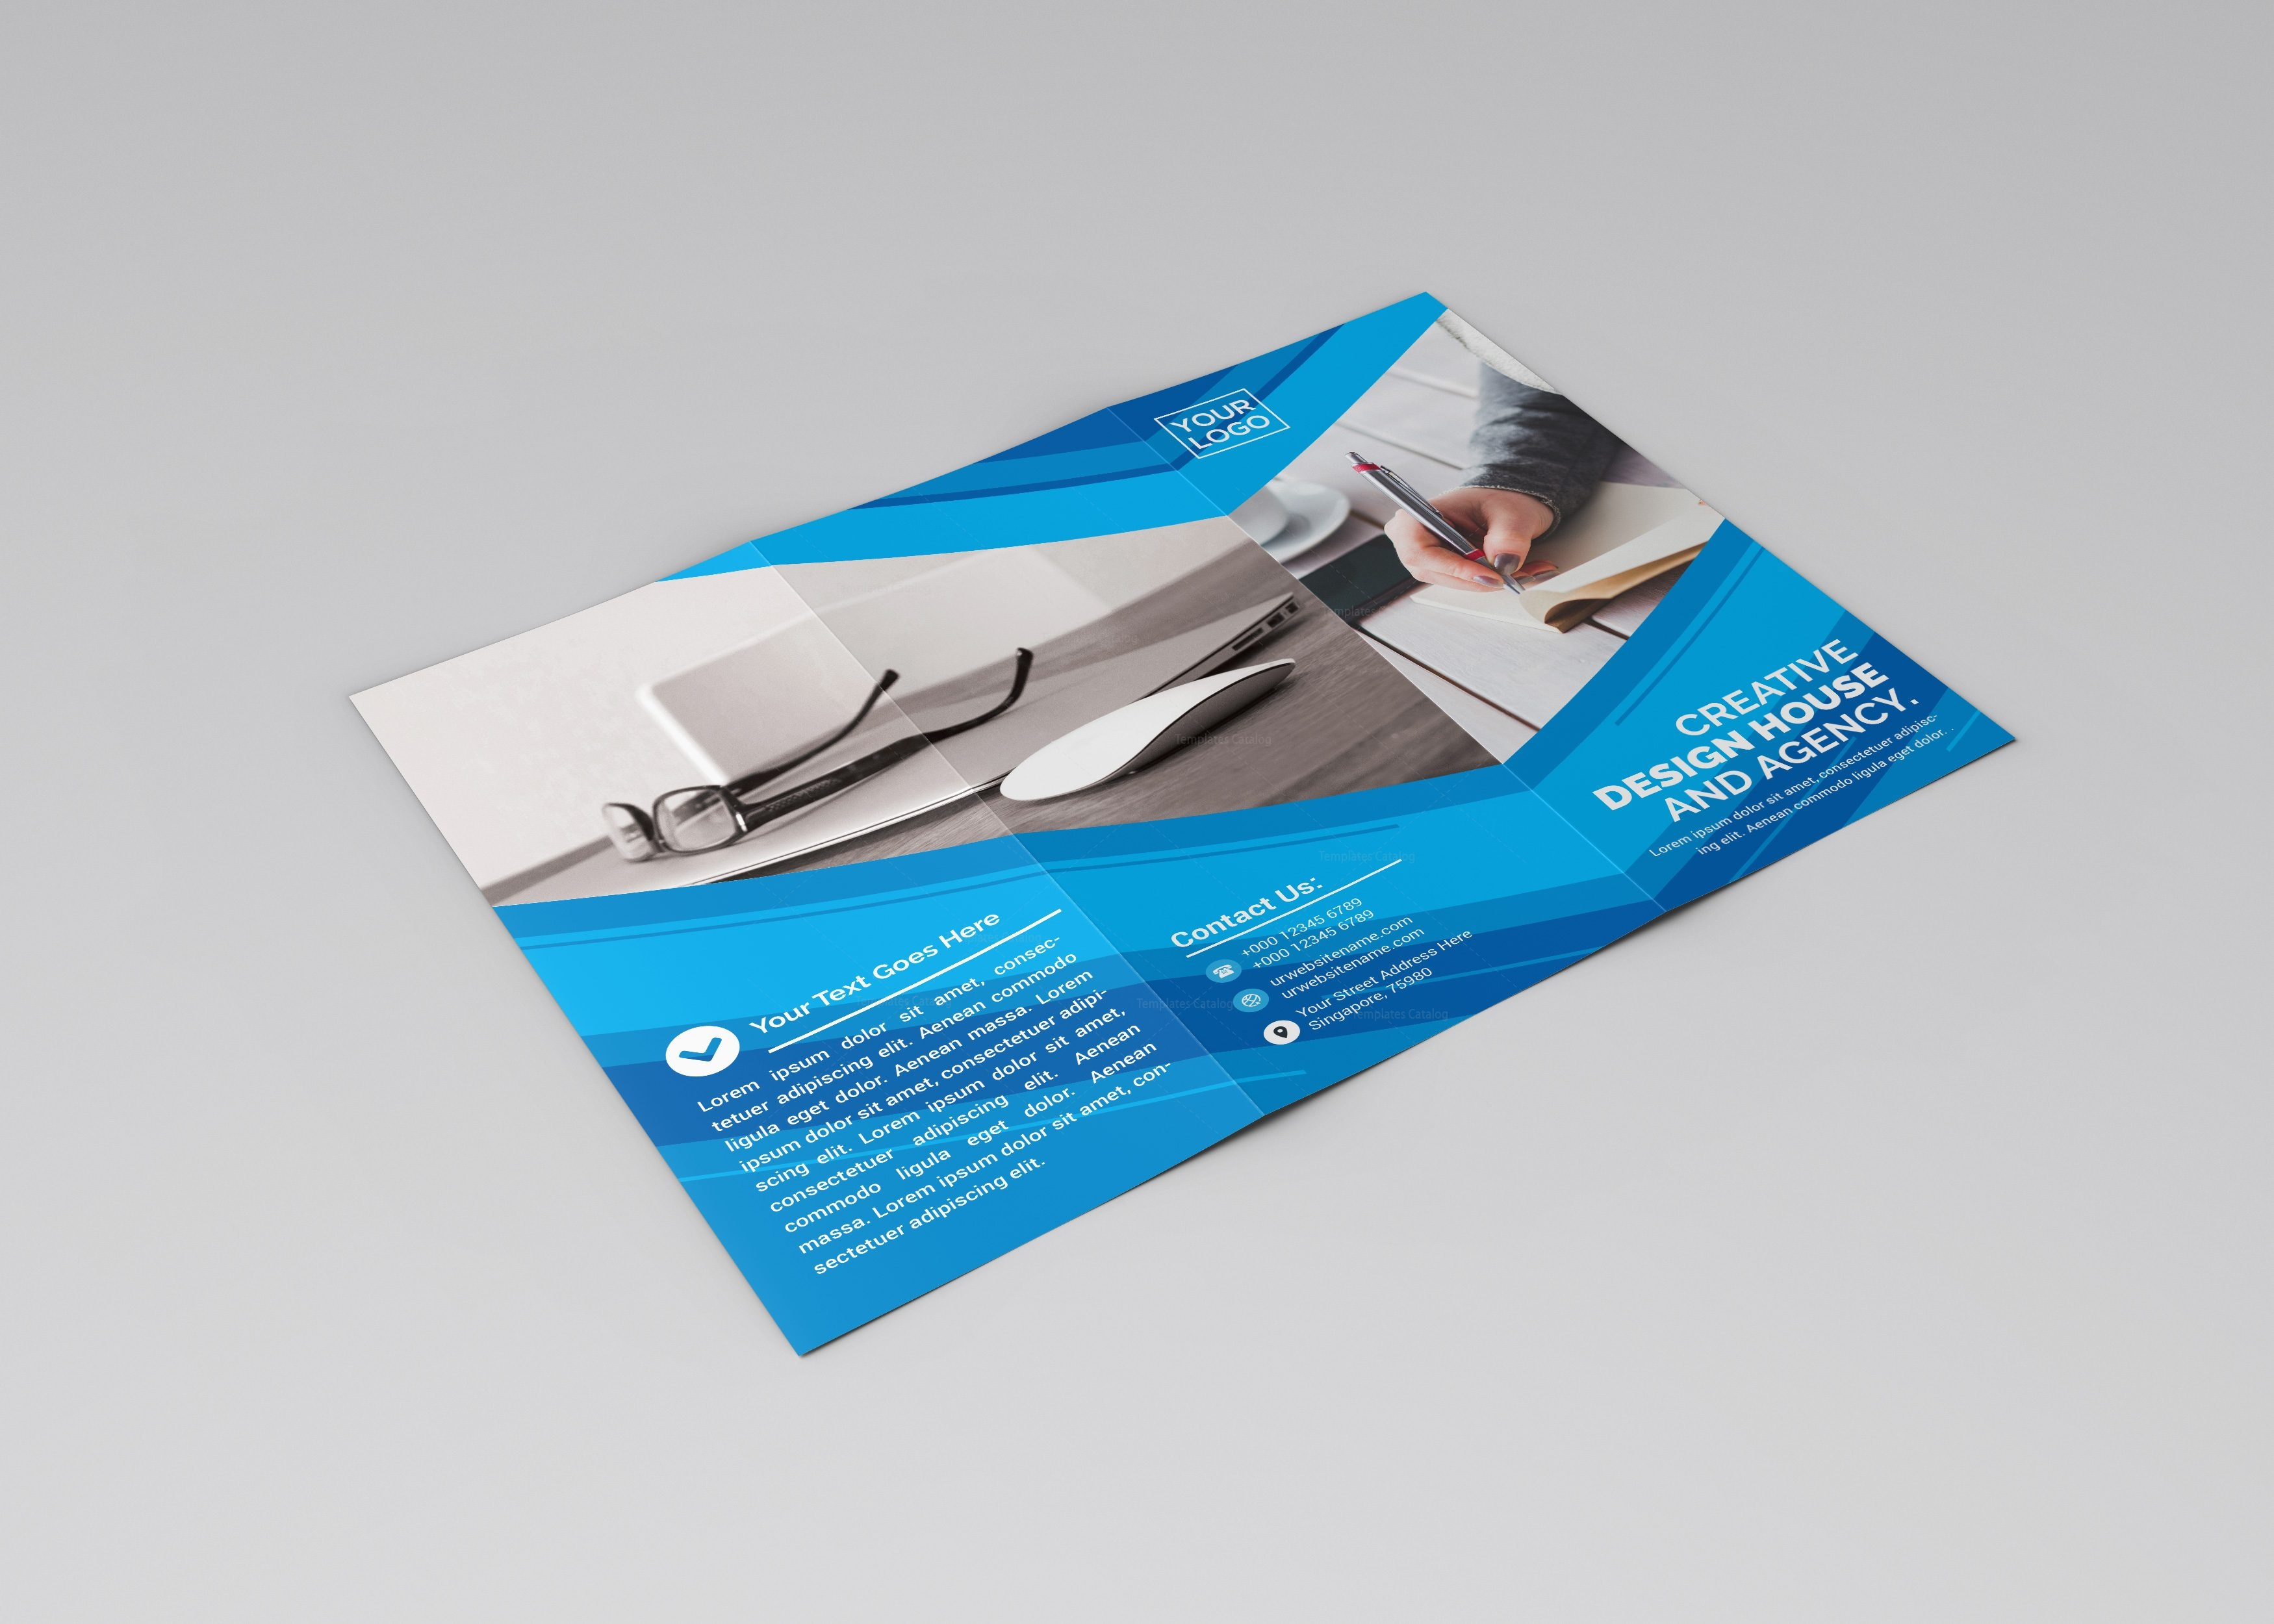 tri fold brochure template download 2 - apollo professional tri fold brochure template 000761